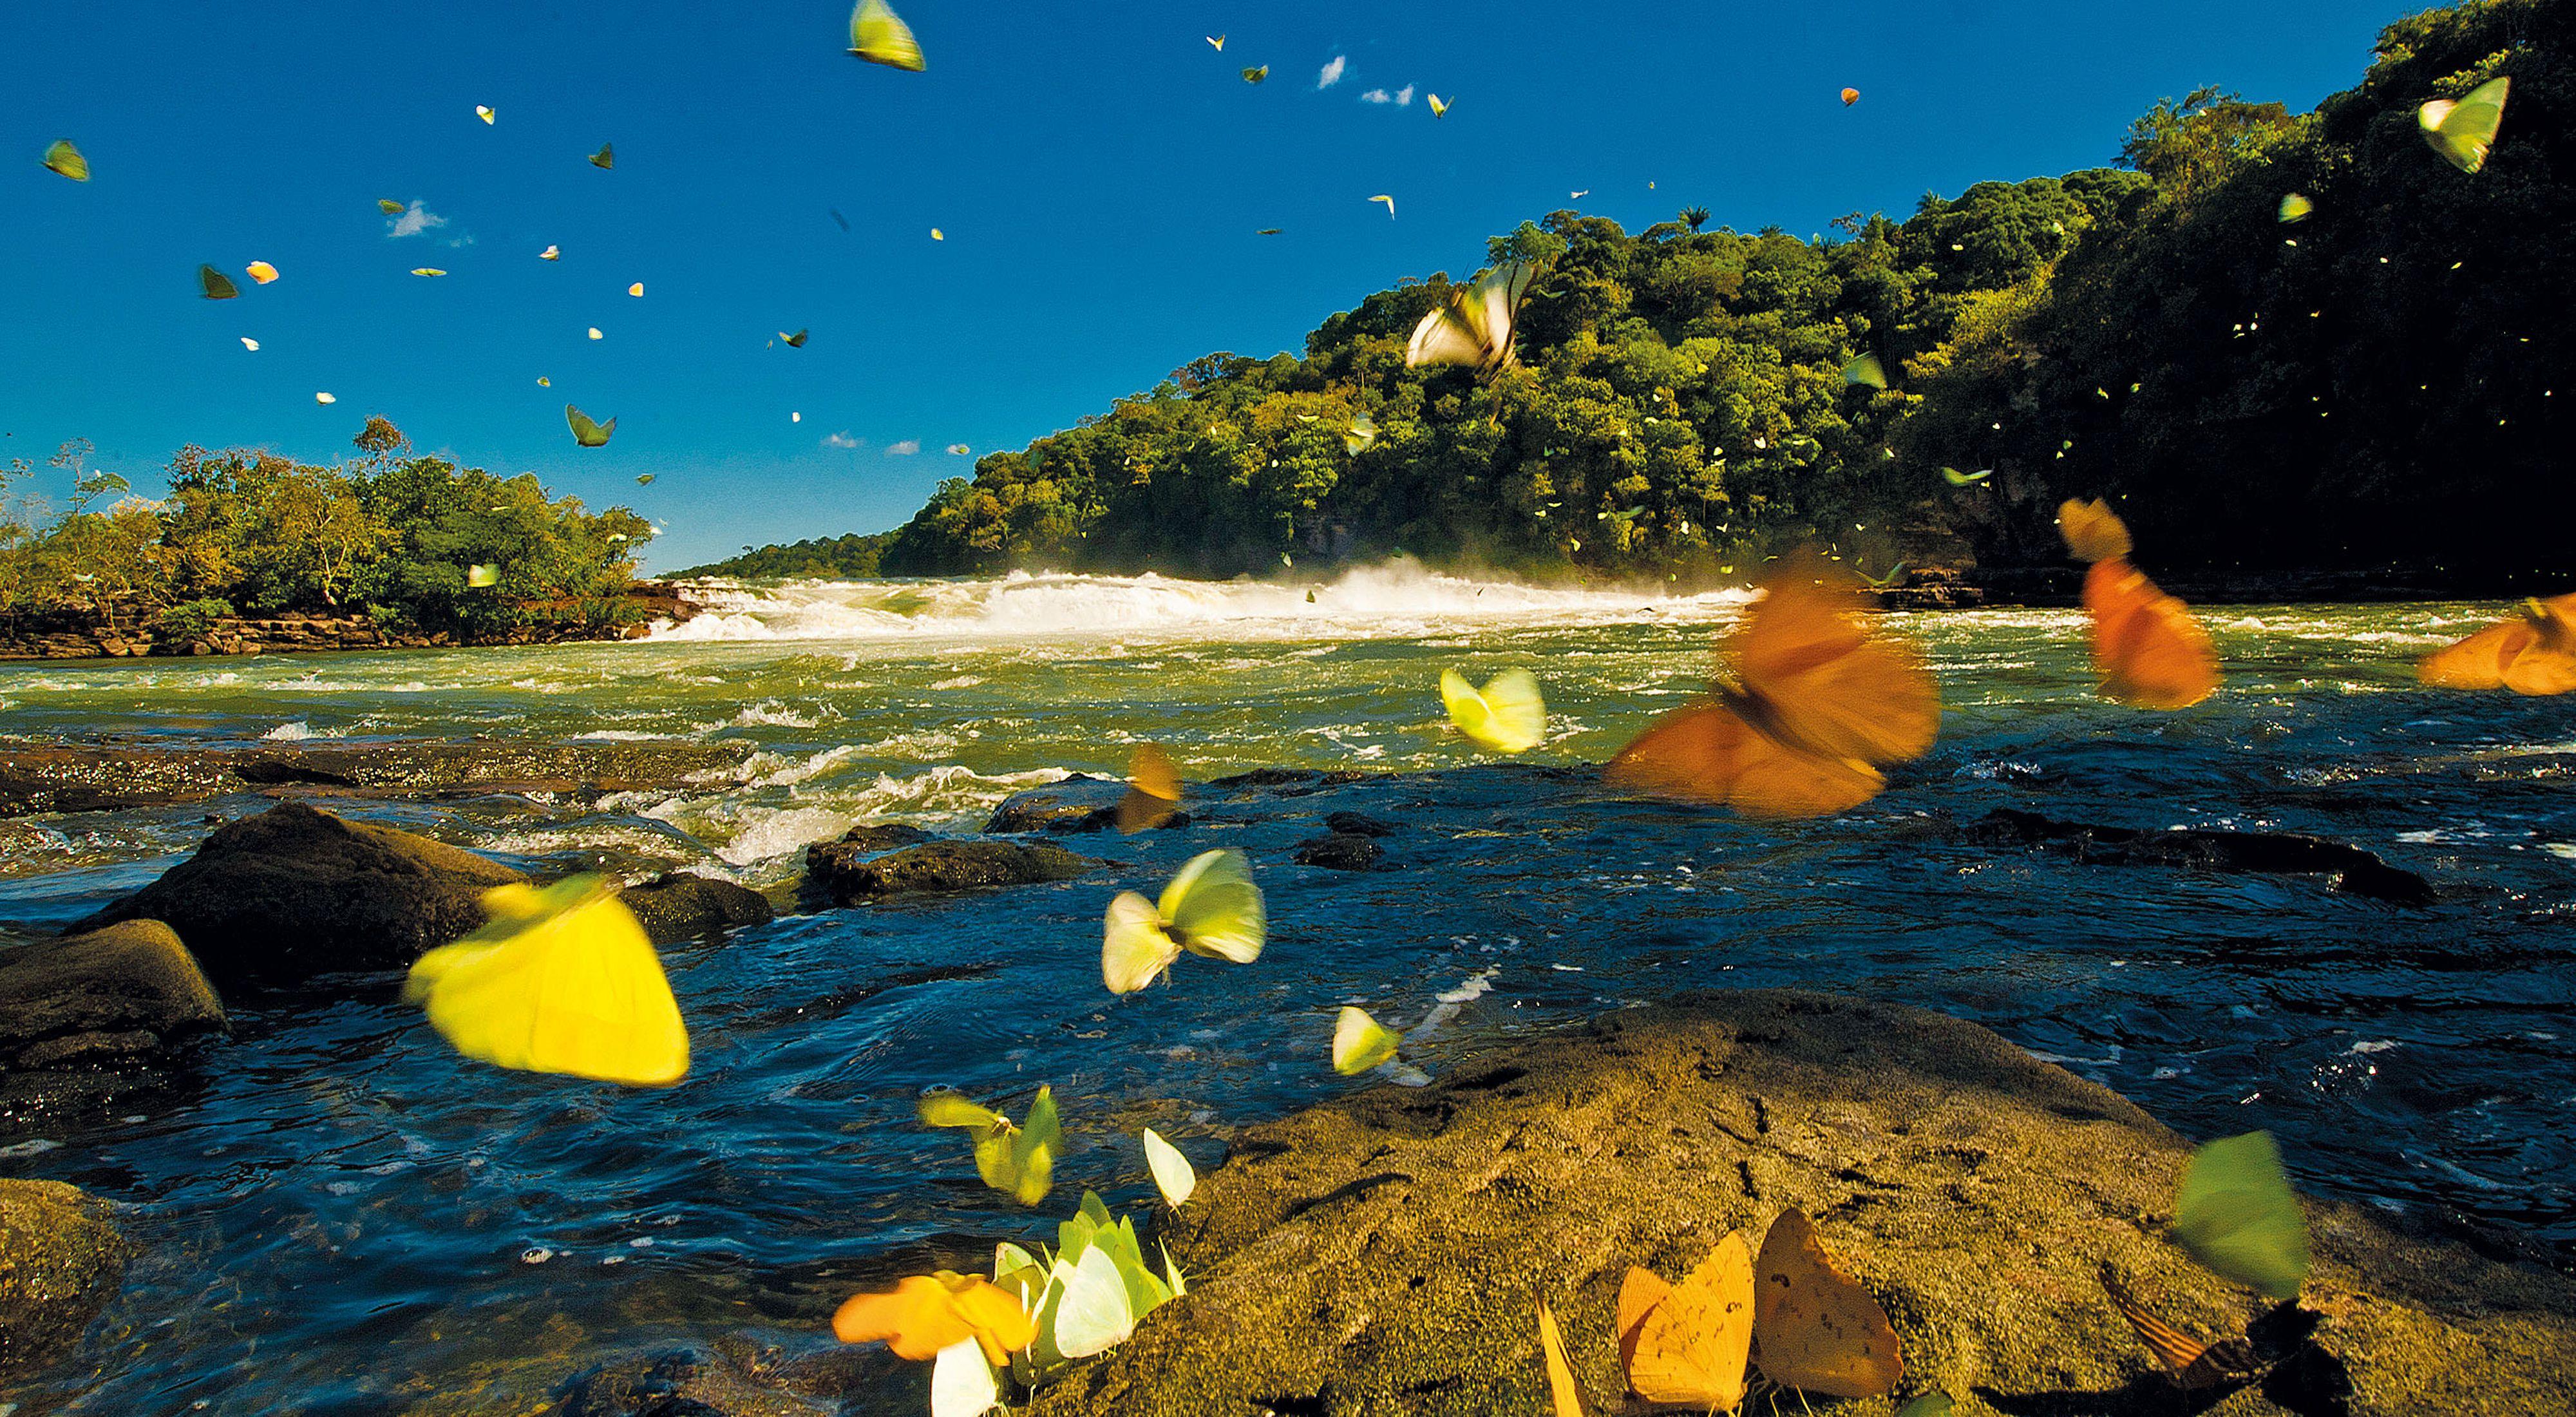 Borboletas no Rio Juruena, no estado do Mato Grosso